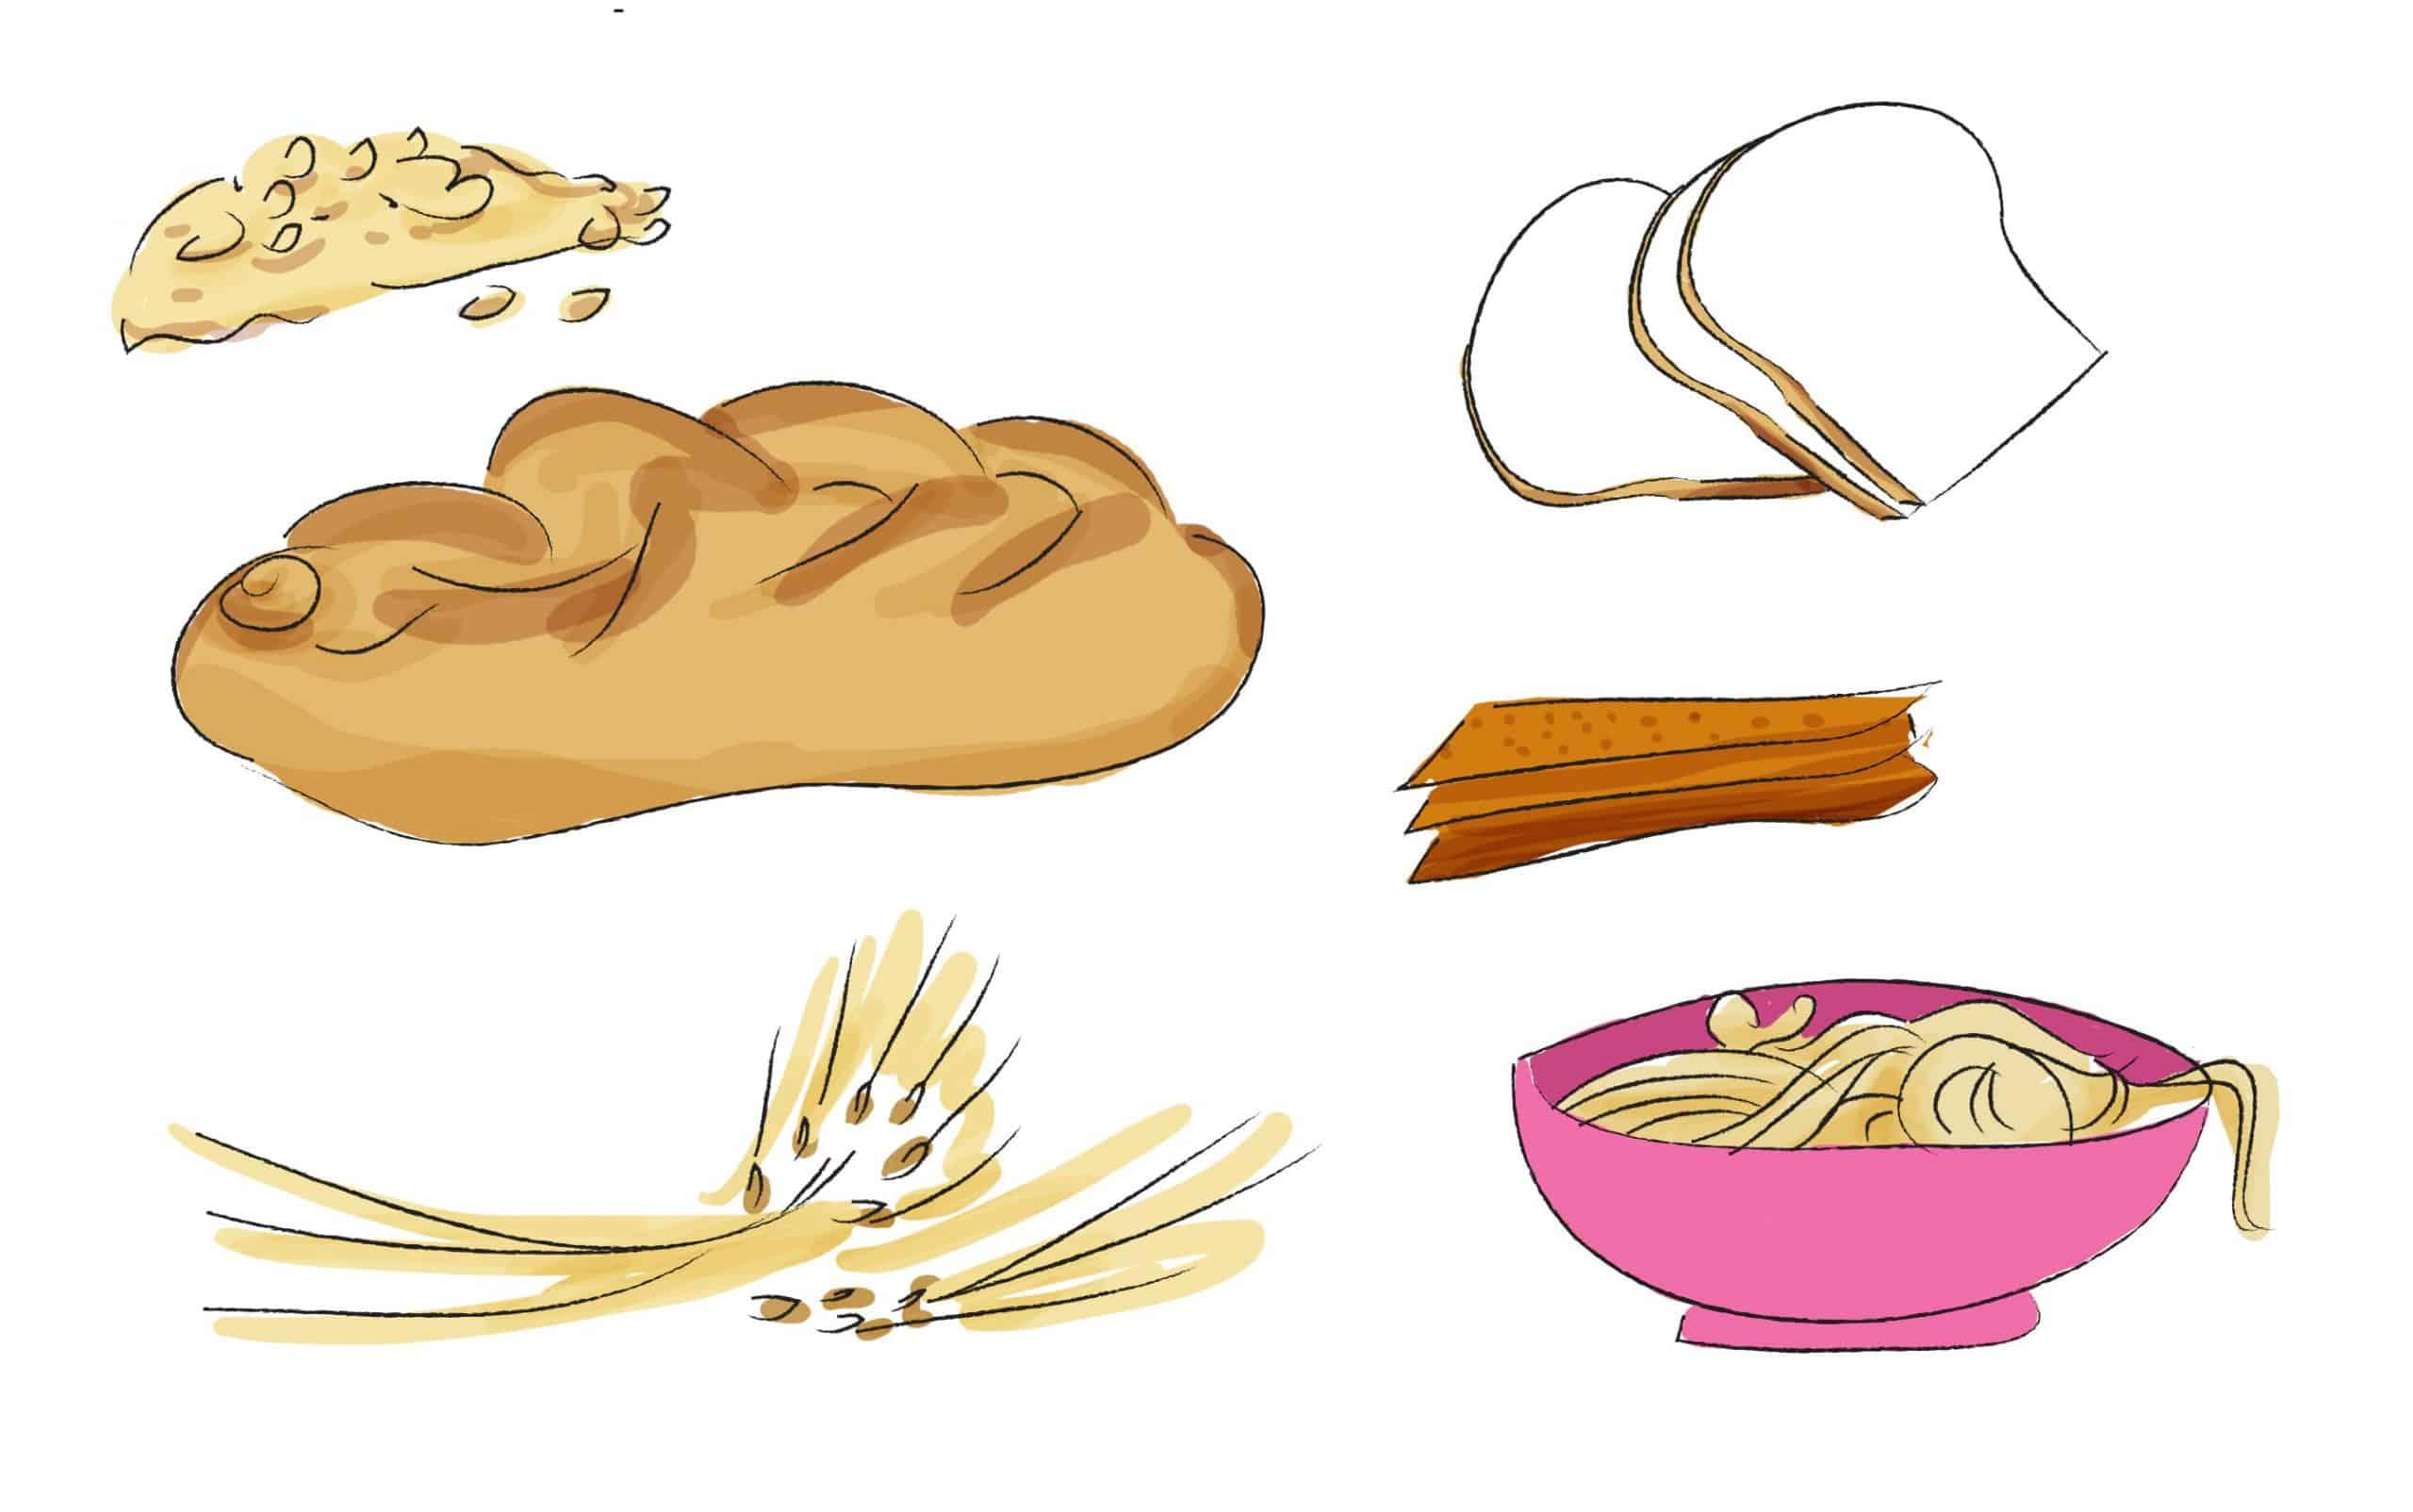 שימוש בלחם ודגנים בתפריט יומי מאוזן